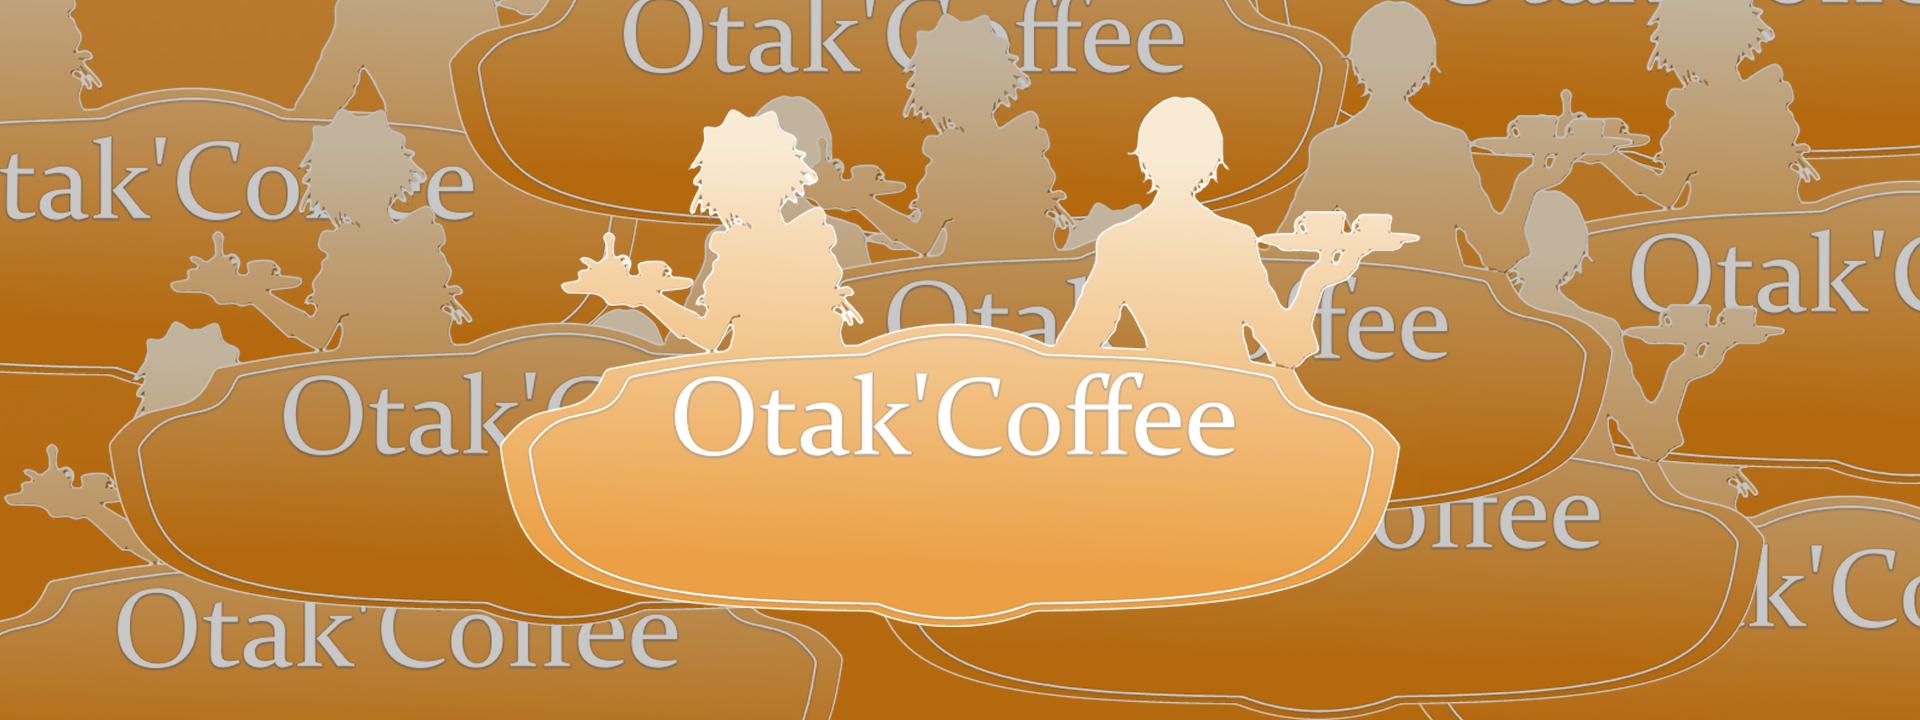 okakcoffee saison 1